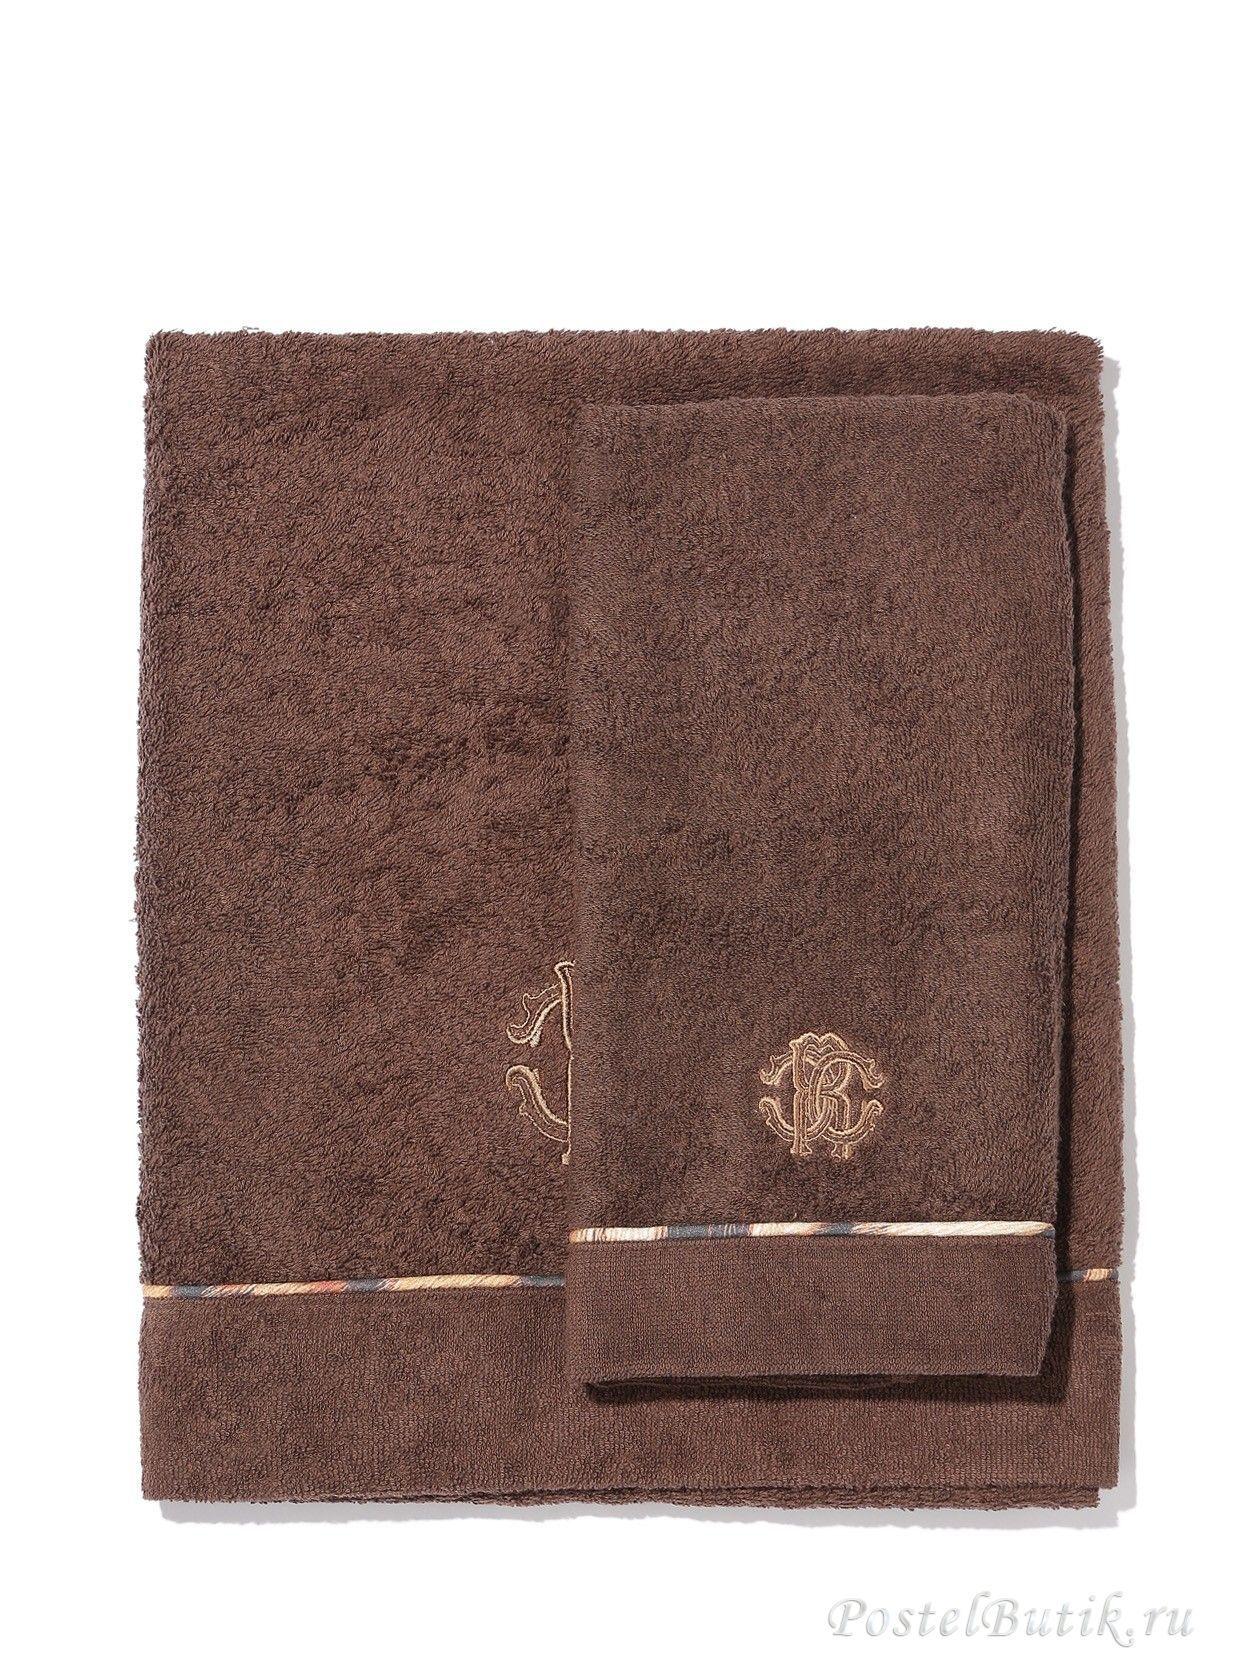 Наборы полотенец Набор полотенец 2 шт Roberto Cavalli Basic коричневый elitnie-polotentsa-basic-korichnevie-ot-roberto-cavalli-italiya.jpg